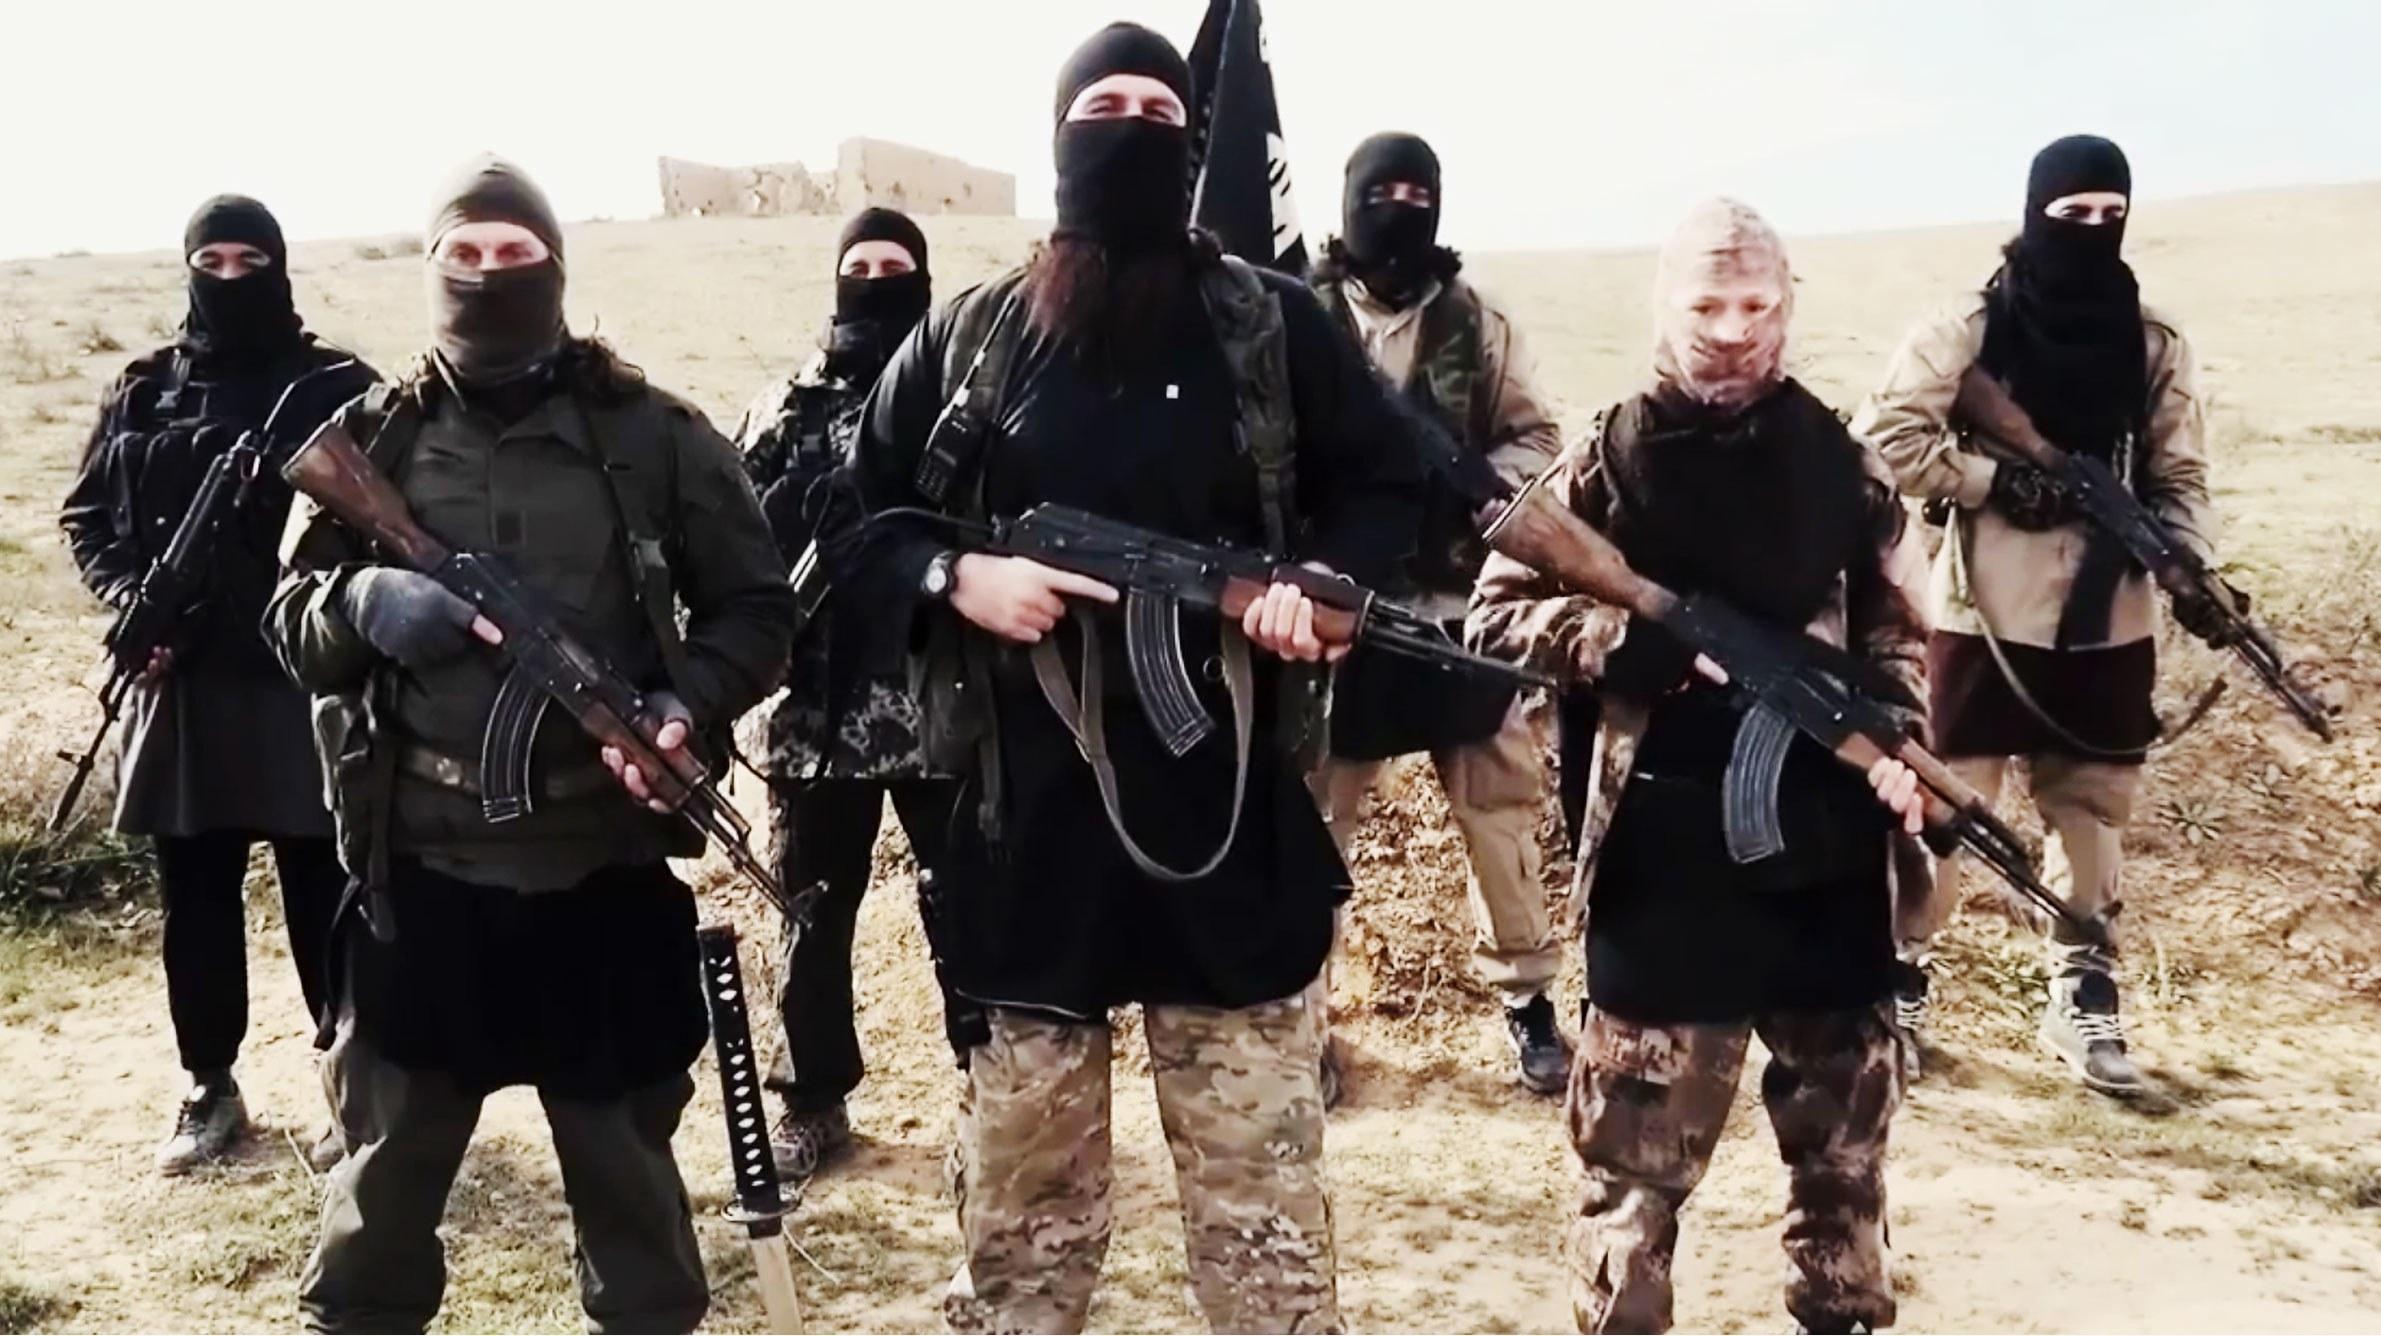 ISIS: Kami Senang, Virus Corona Adalah Hukuman dari Tuhan